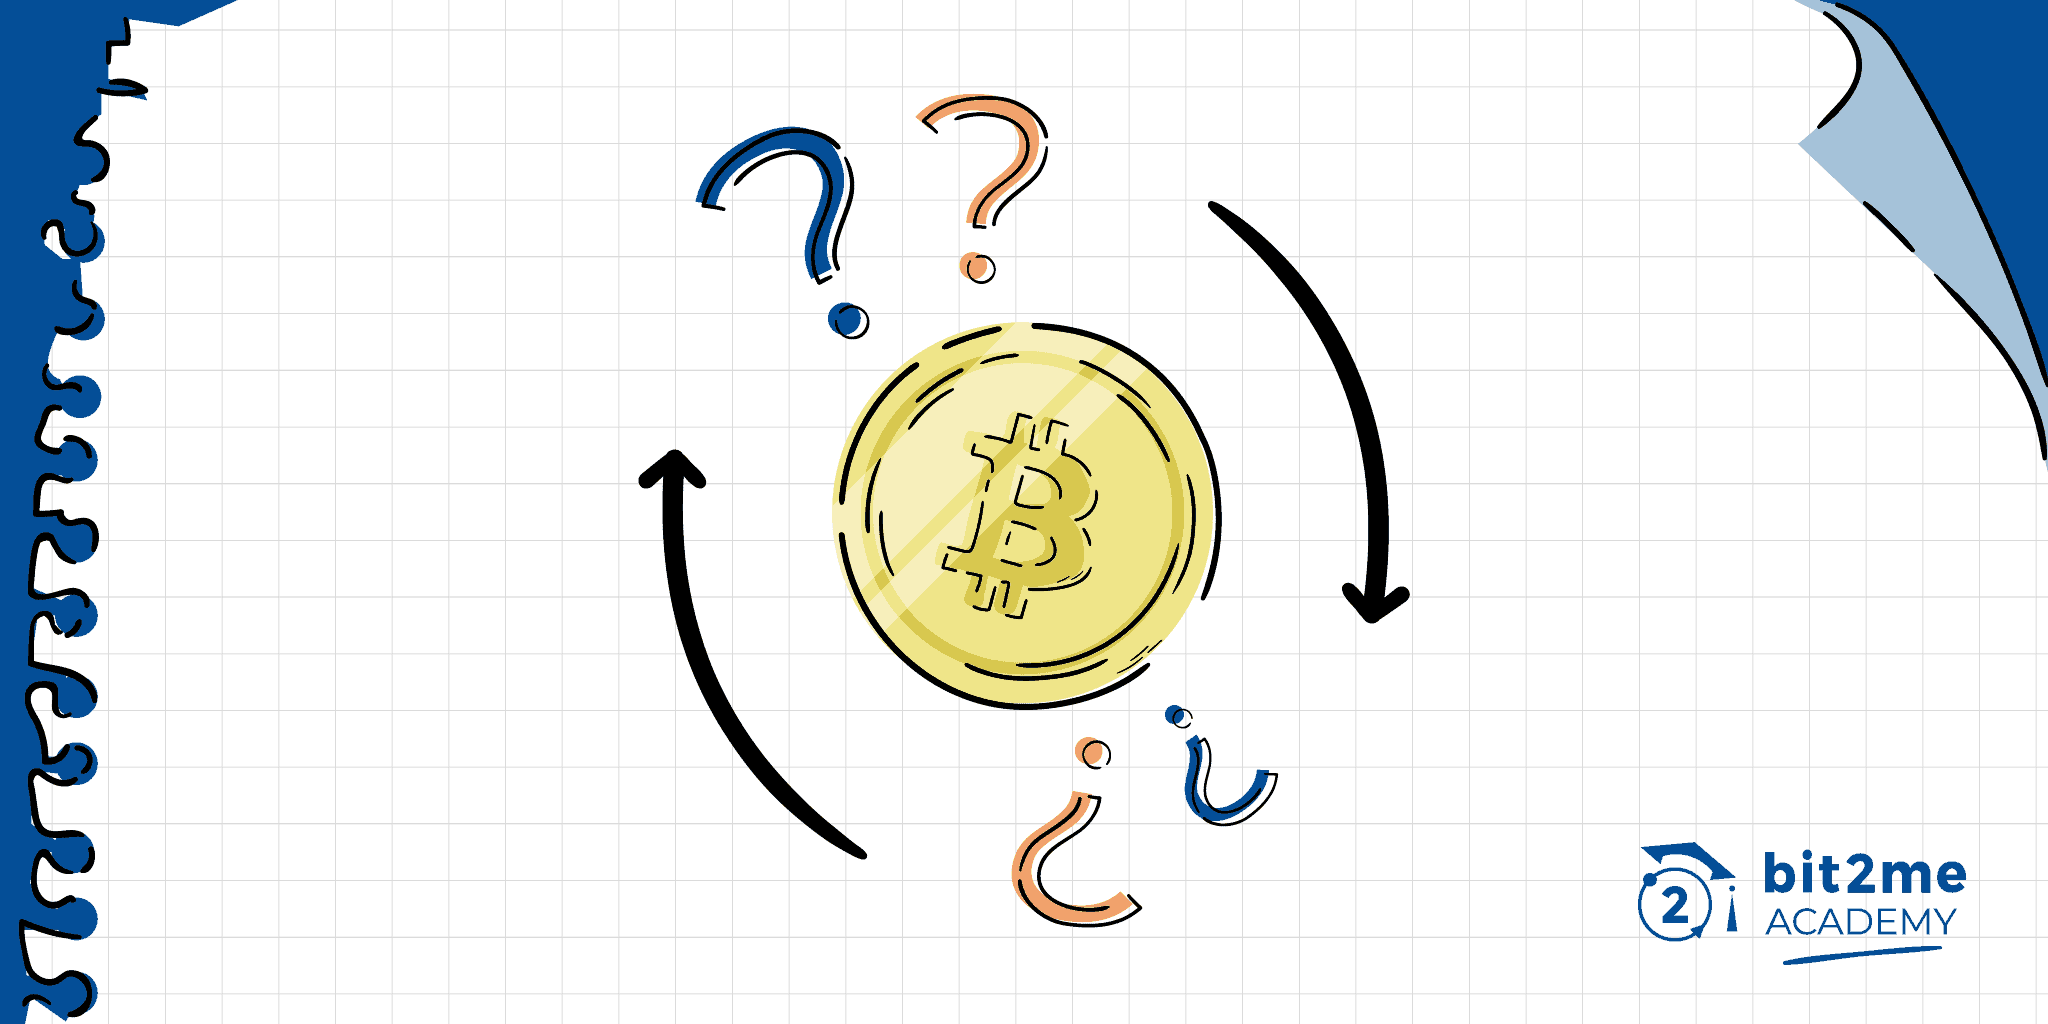 que es coinswap, coinswap